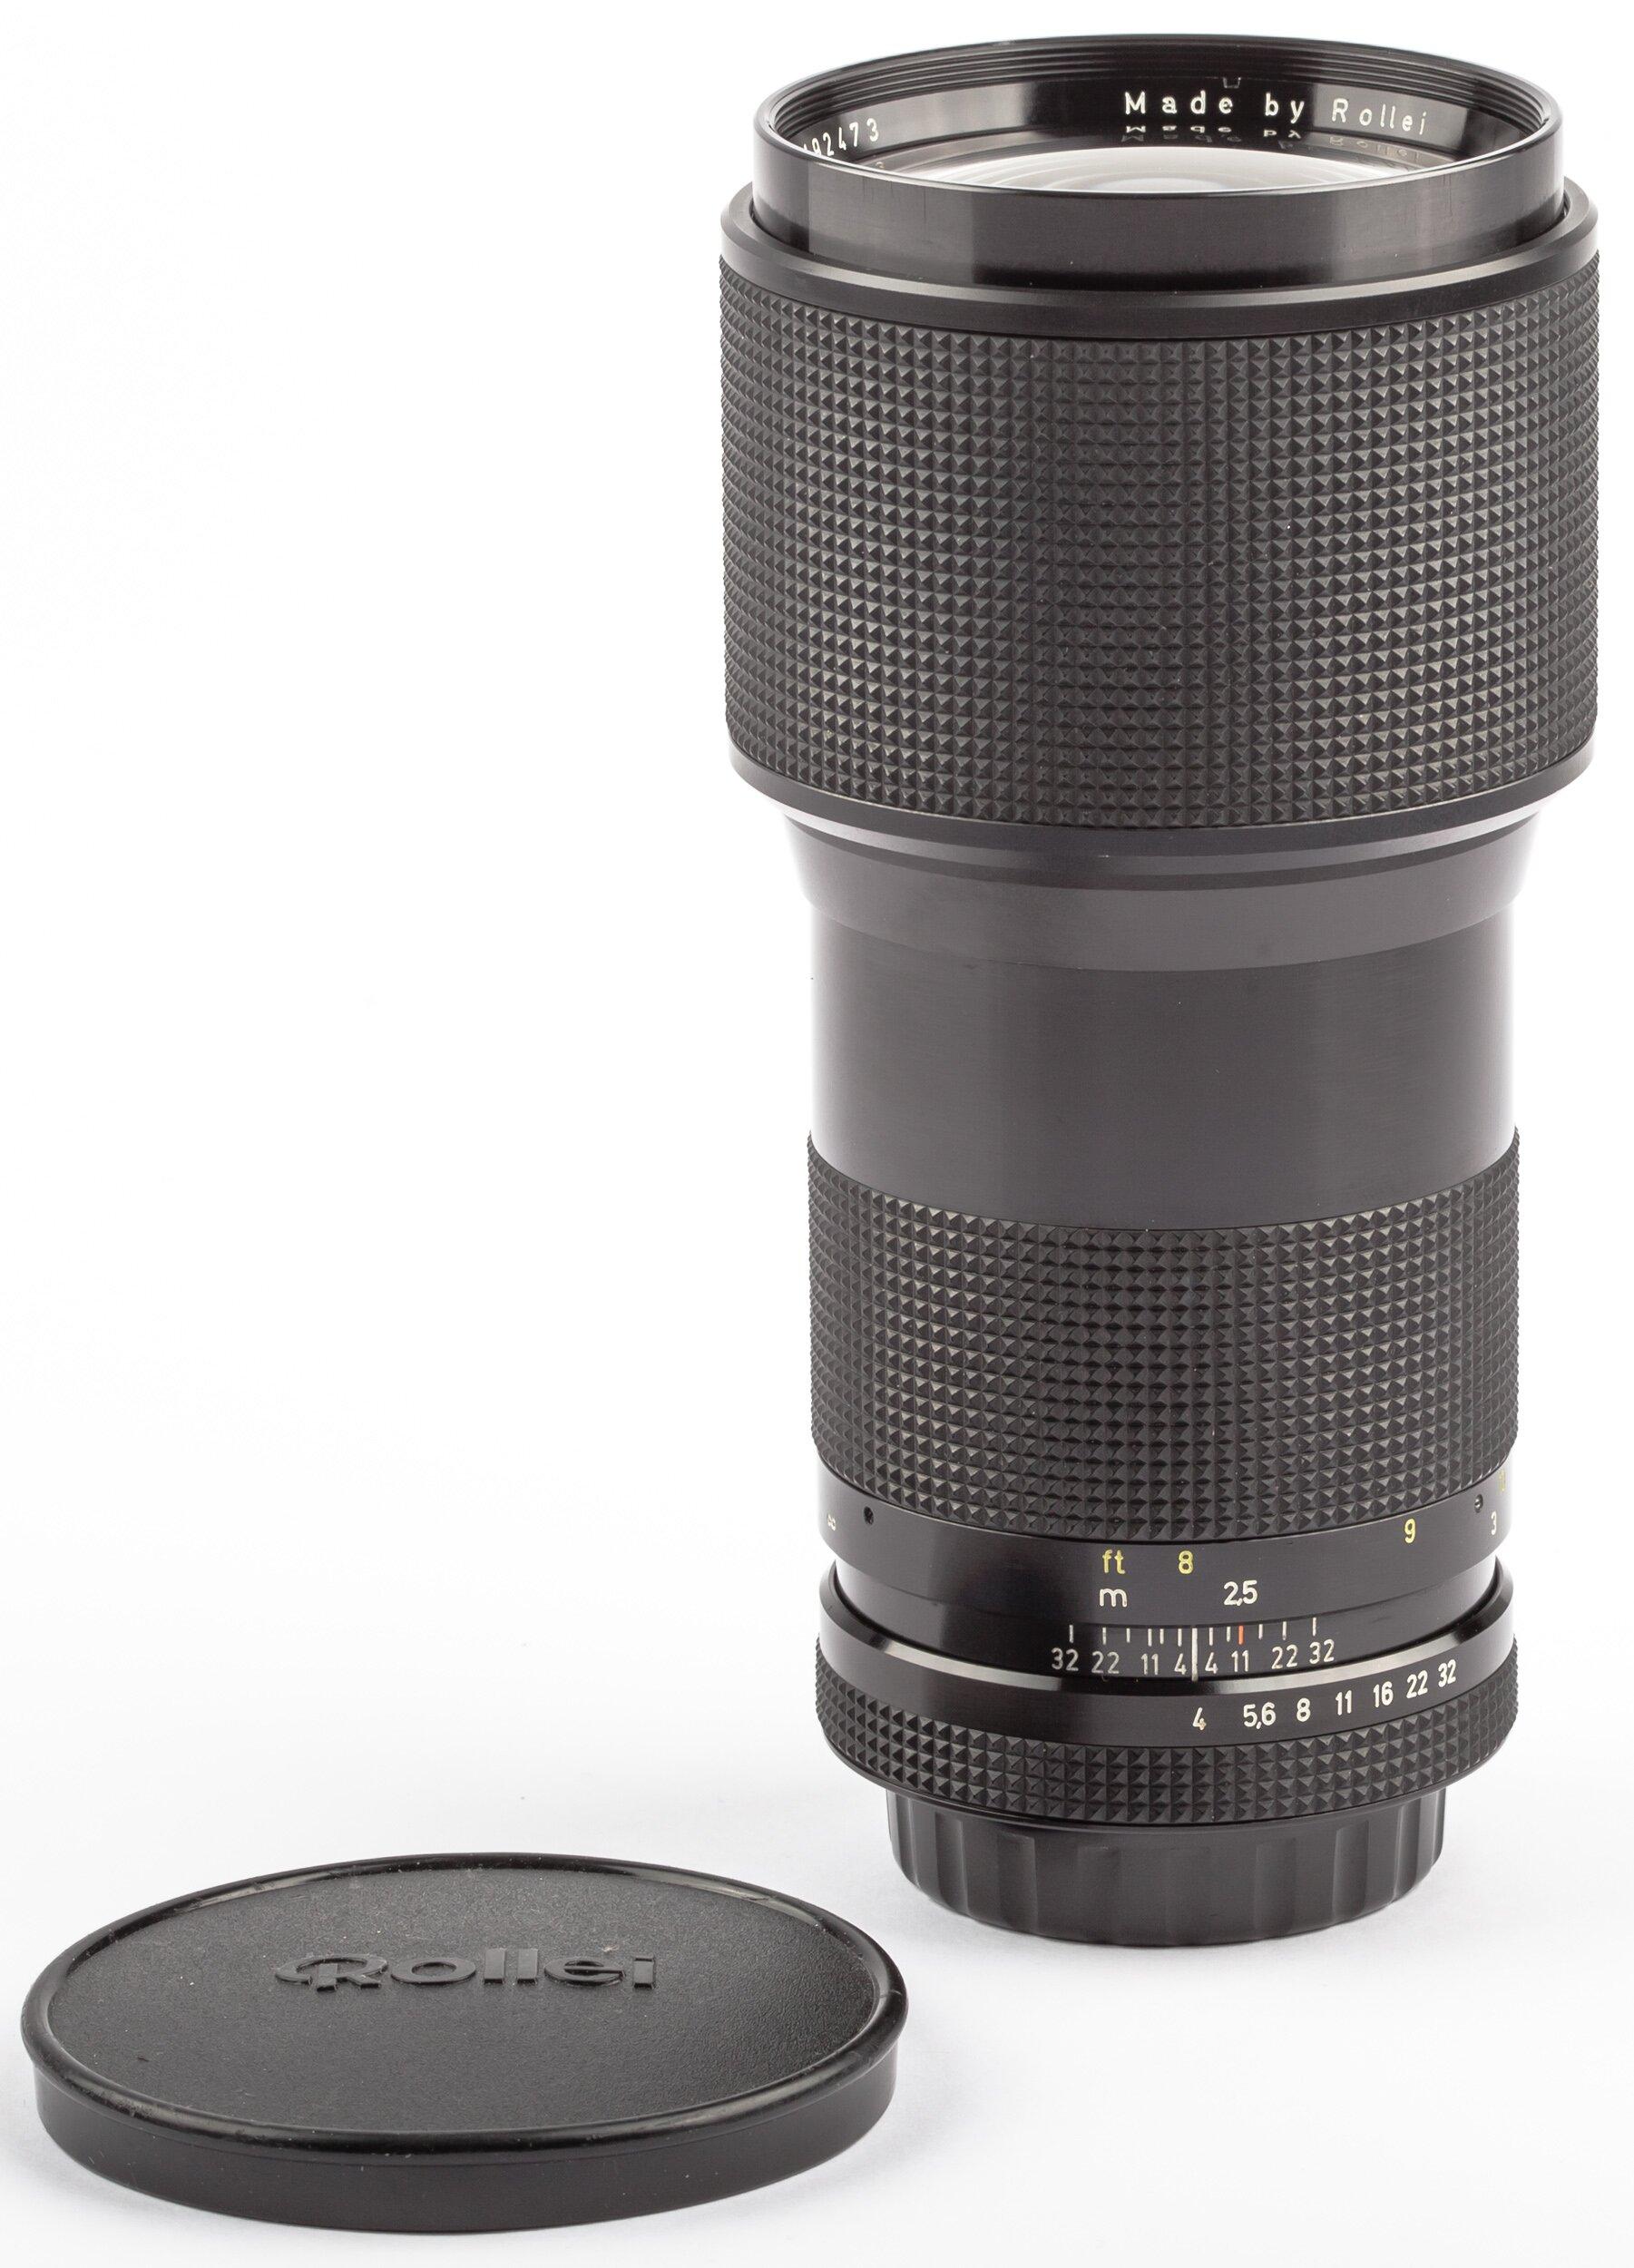 Rollei QBM 200mm F4.0 Tessar HFT